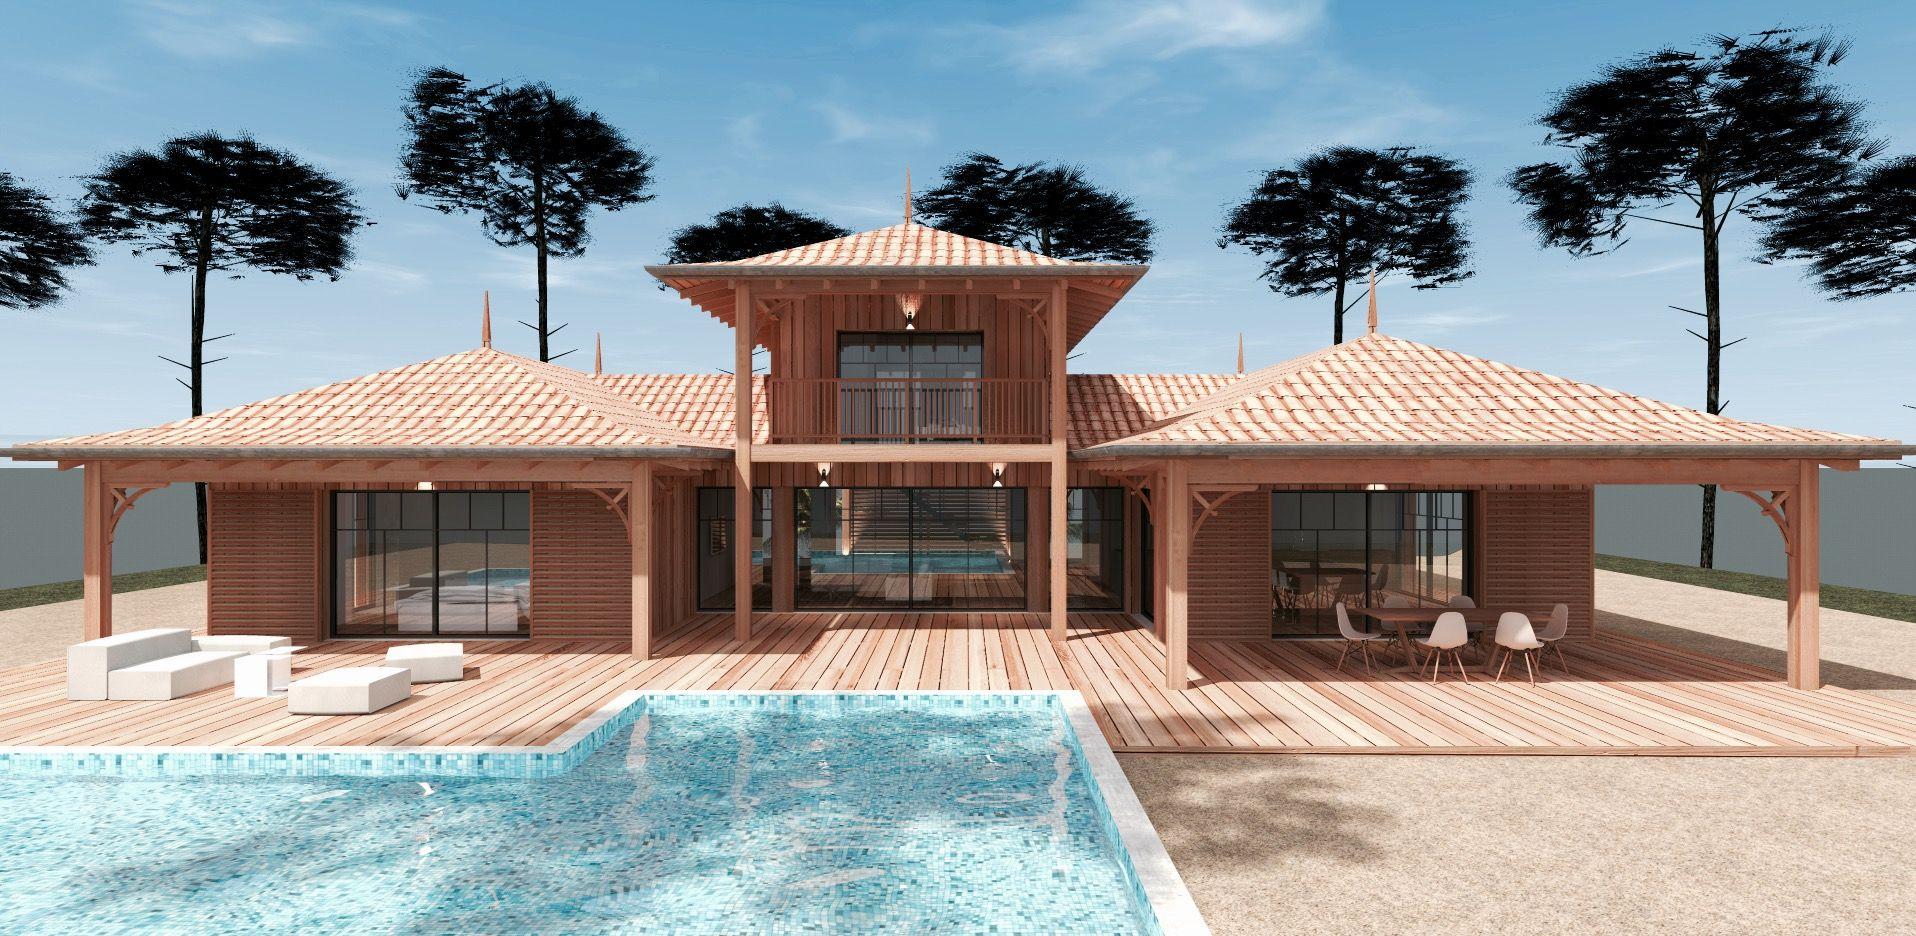 Constructeur maison individuelle en bois bassin d arcachon for Constructeur maison en bois 29